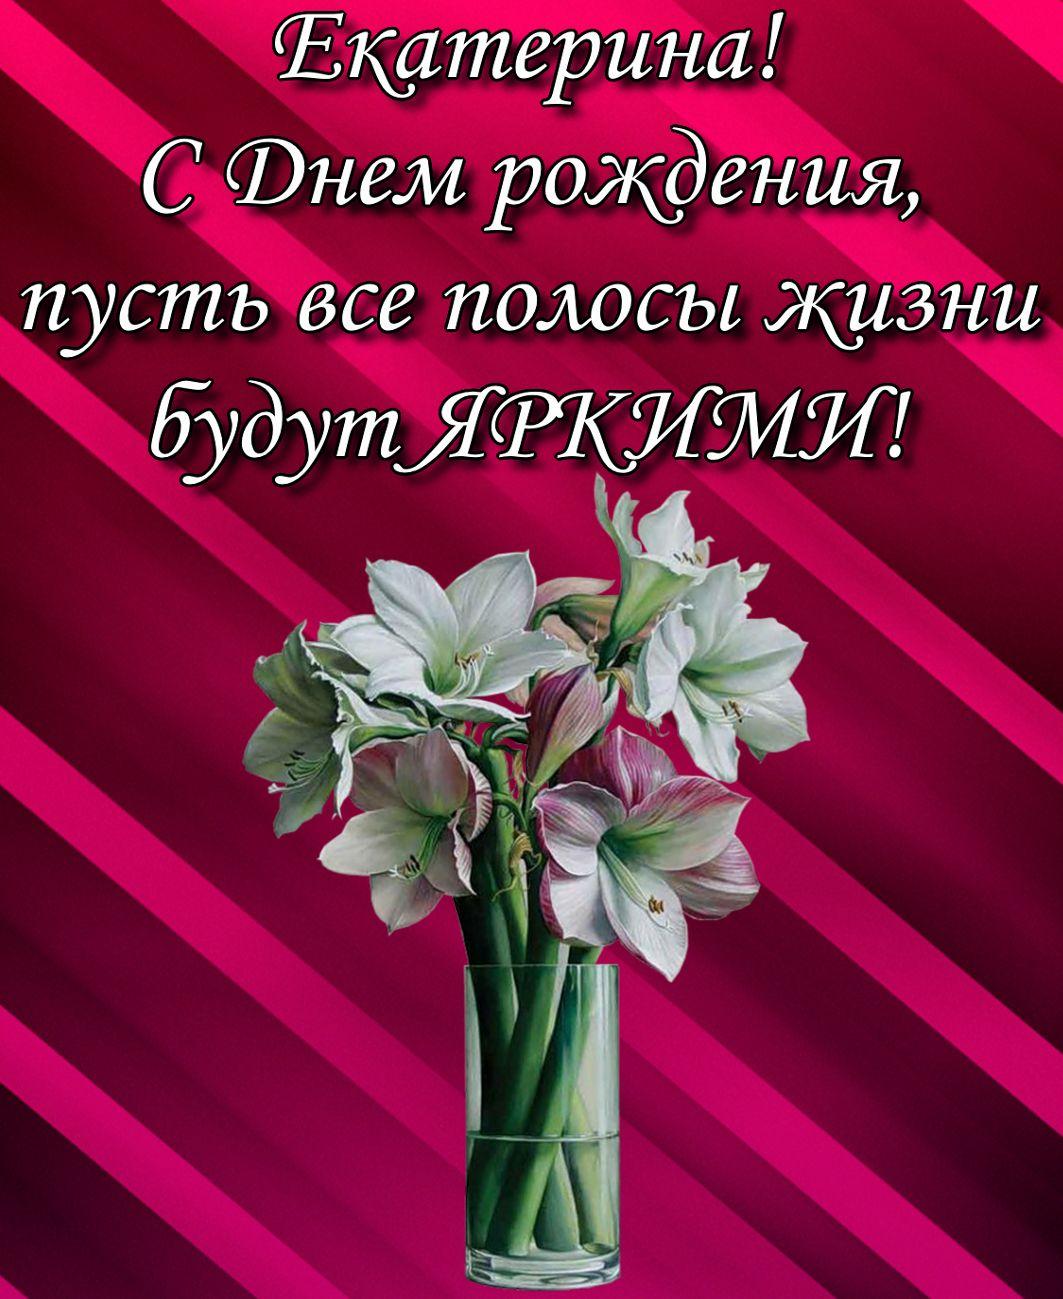 Открытка - ваза с красивым букетом для Екатерины